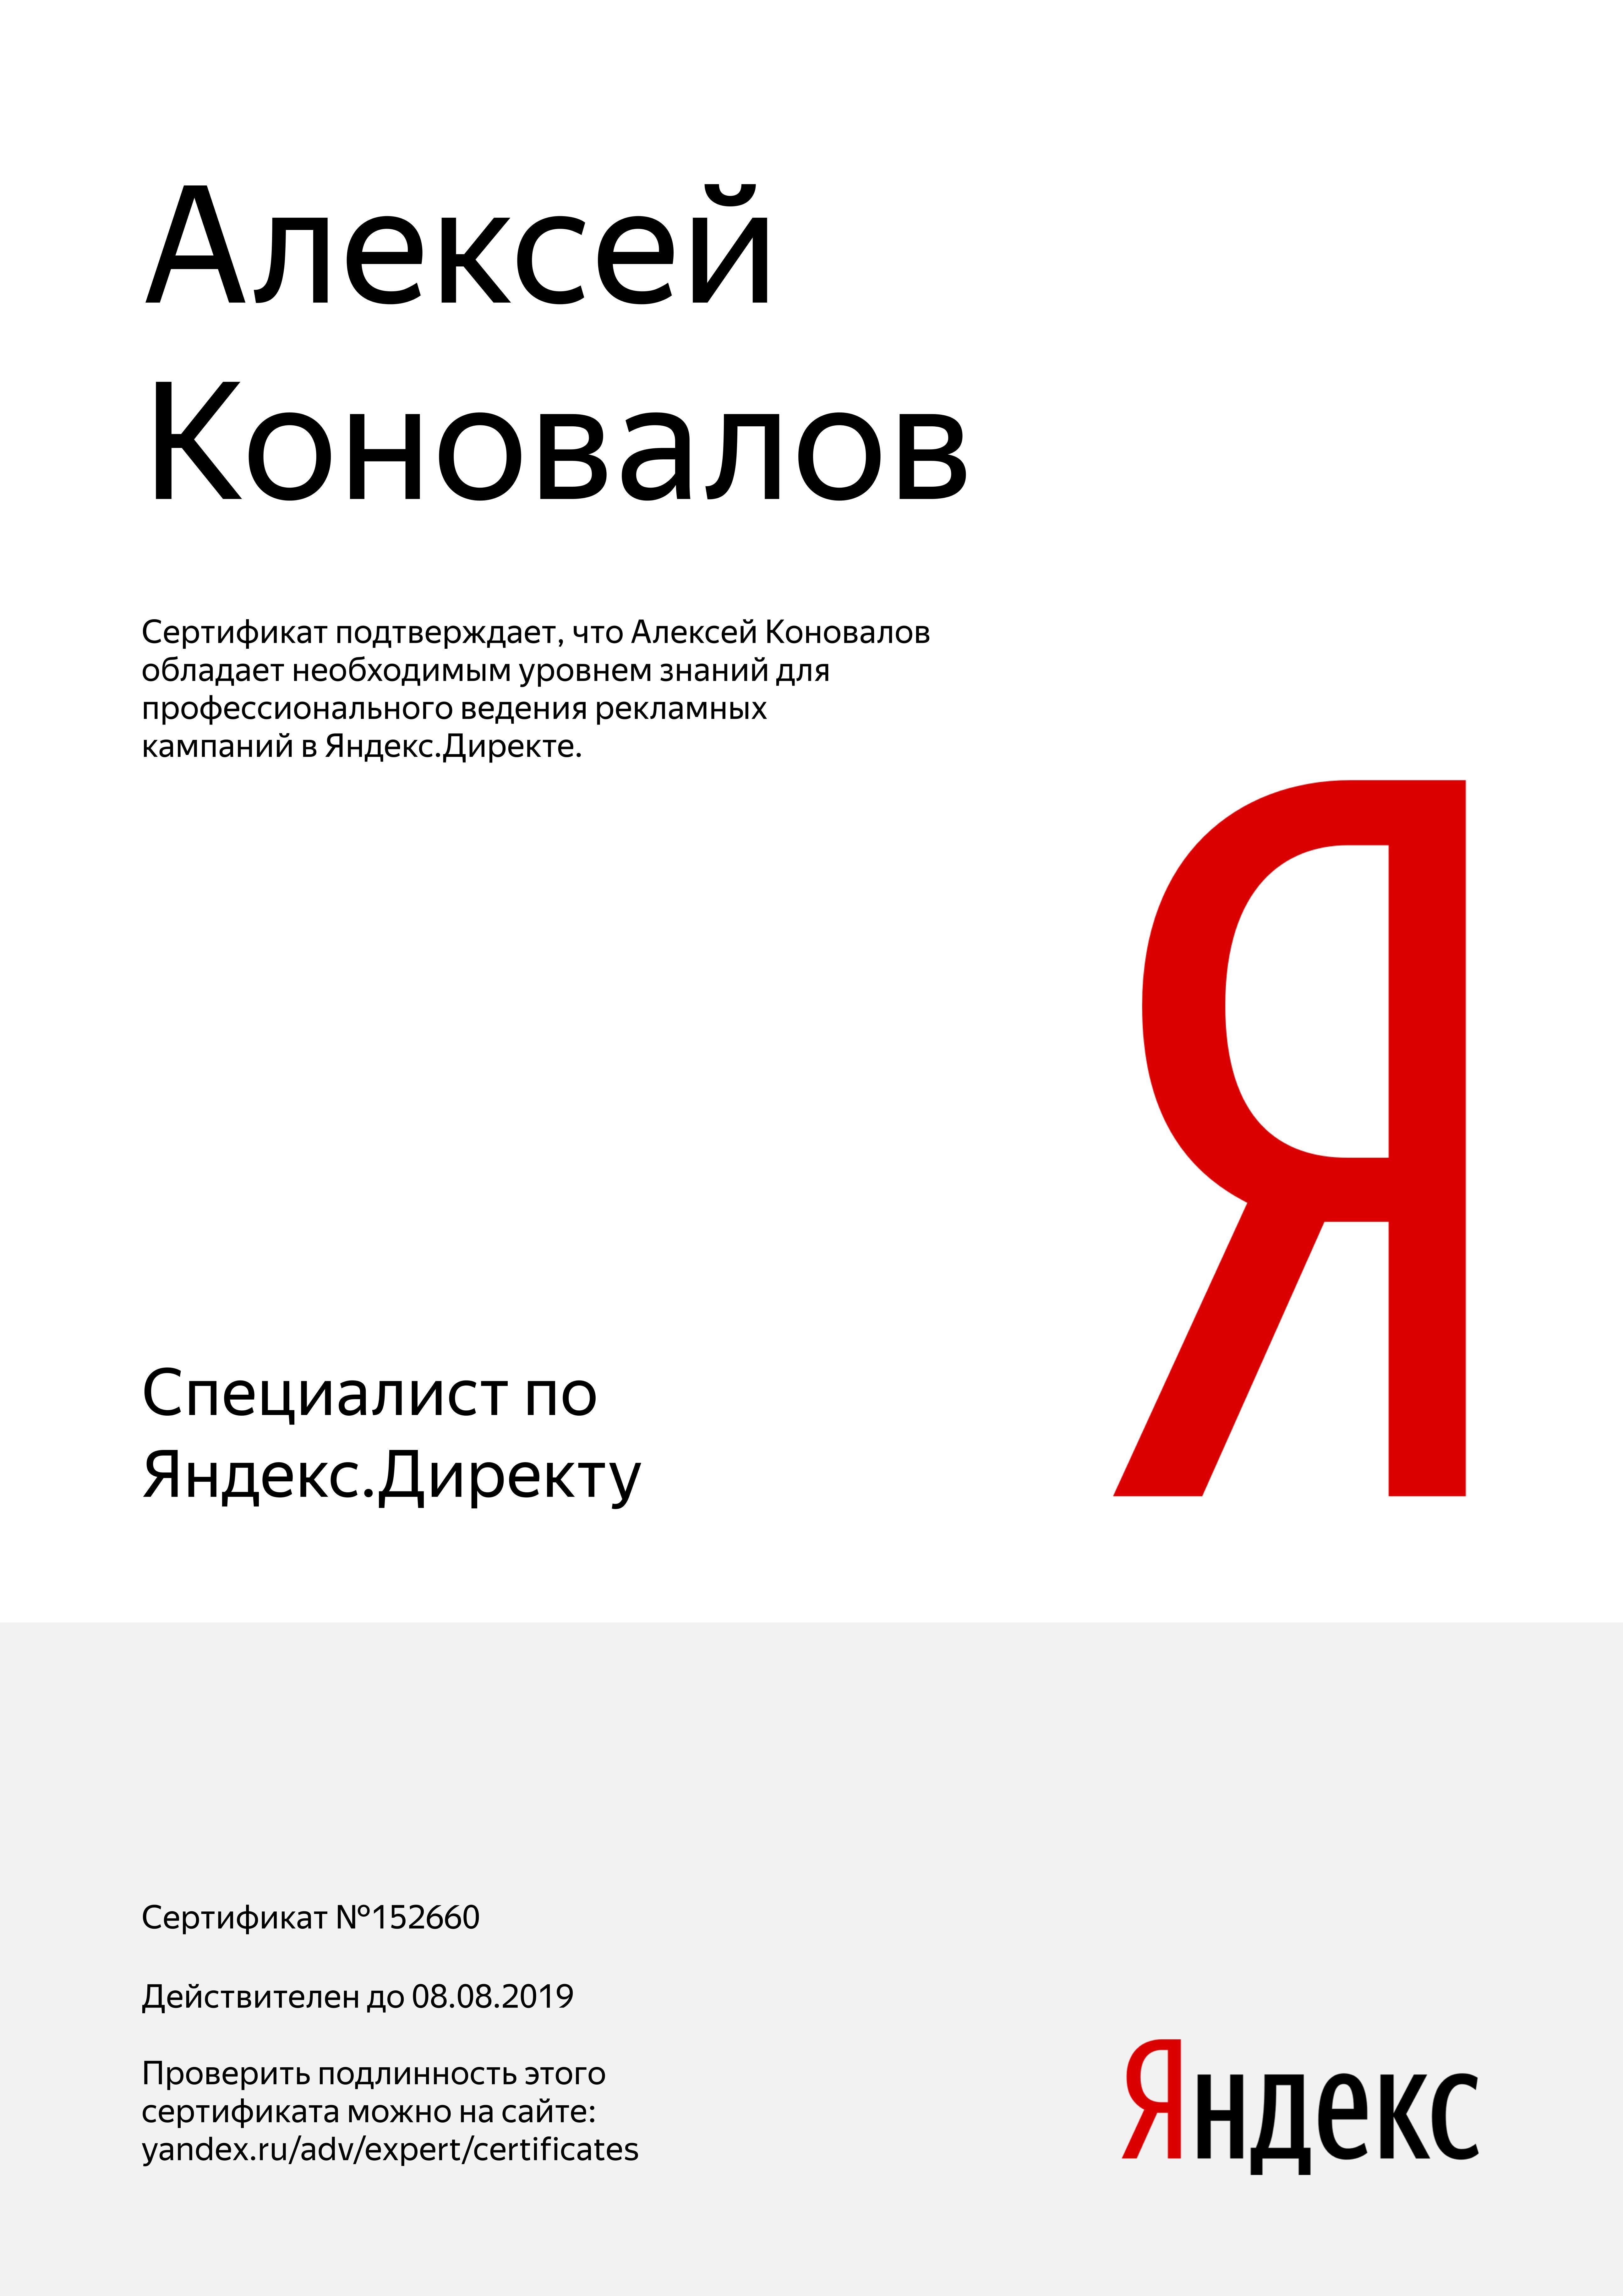 Сертификат по Яндекс Директ Алексей Коновалов